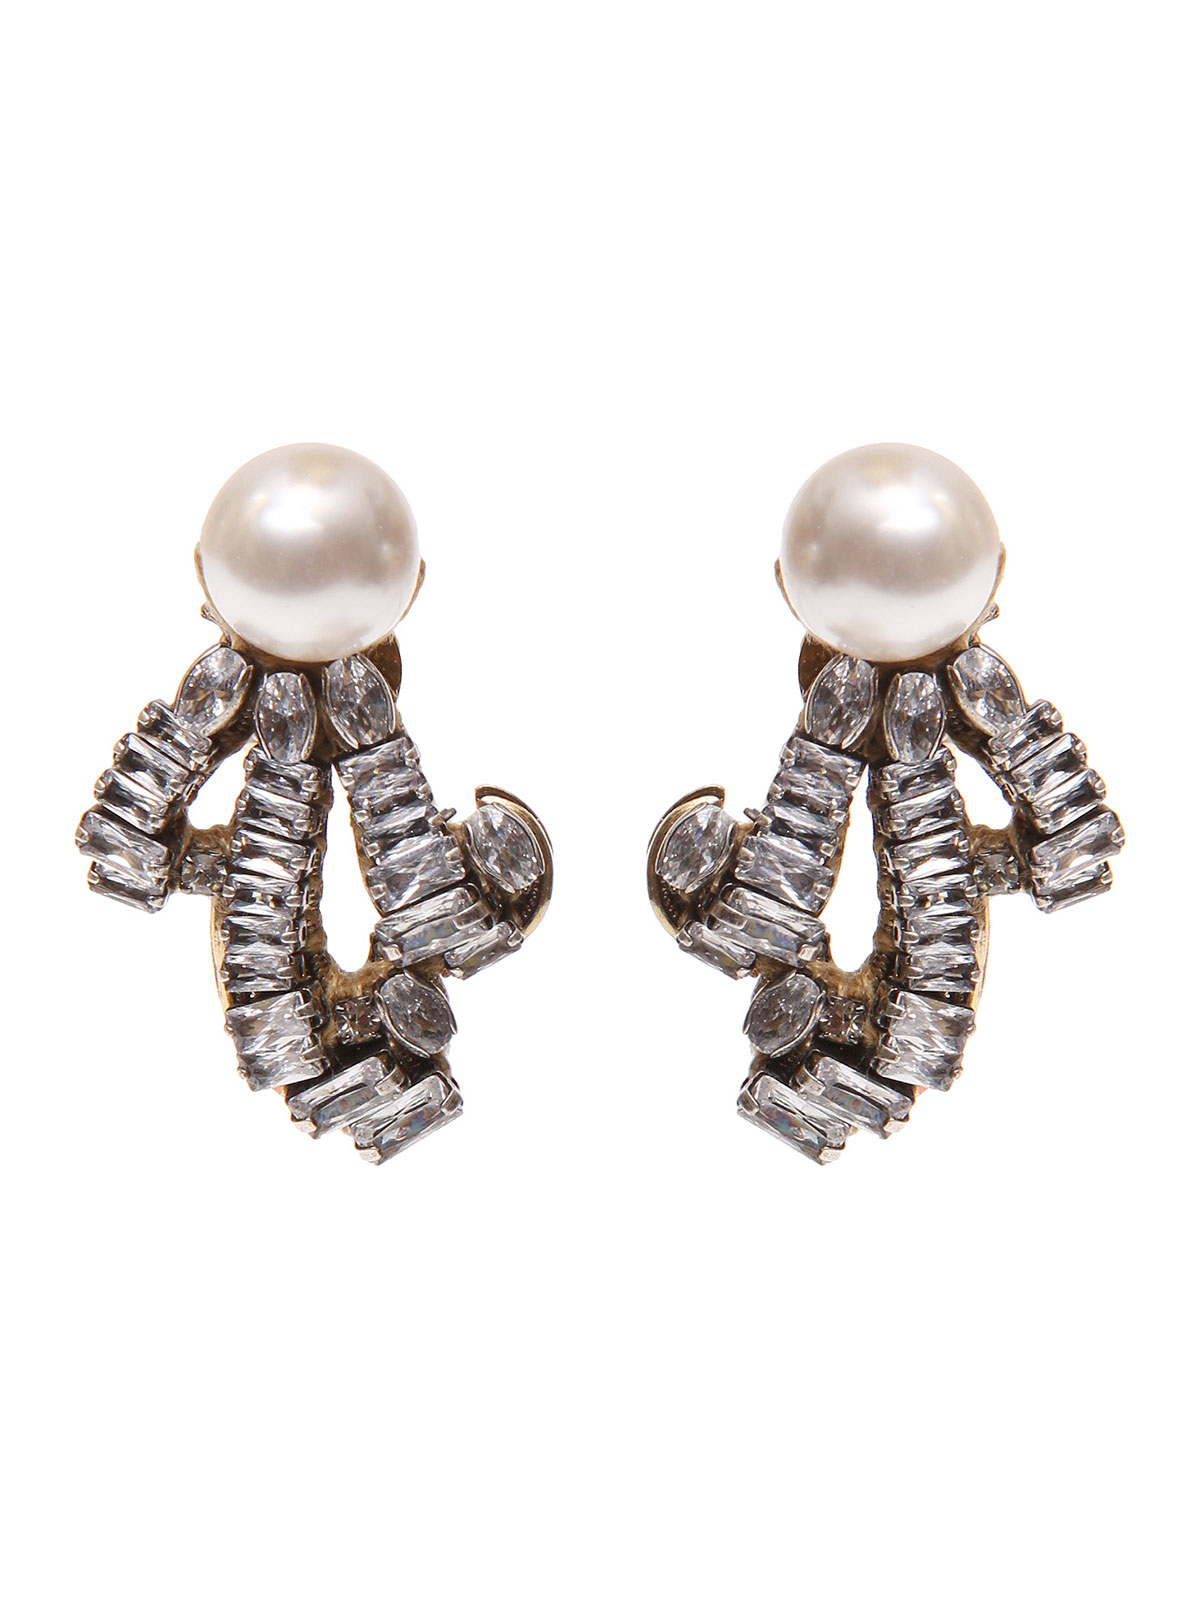 Orecchini di perle e riccioli gioiello